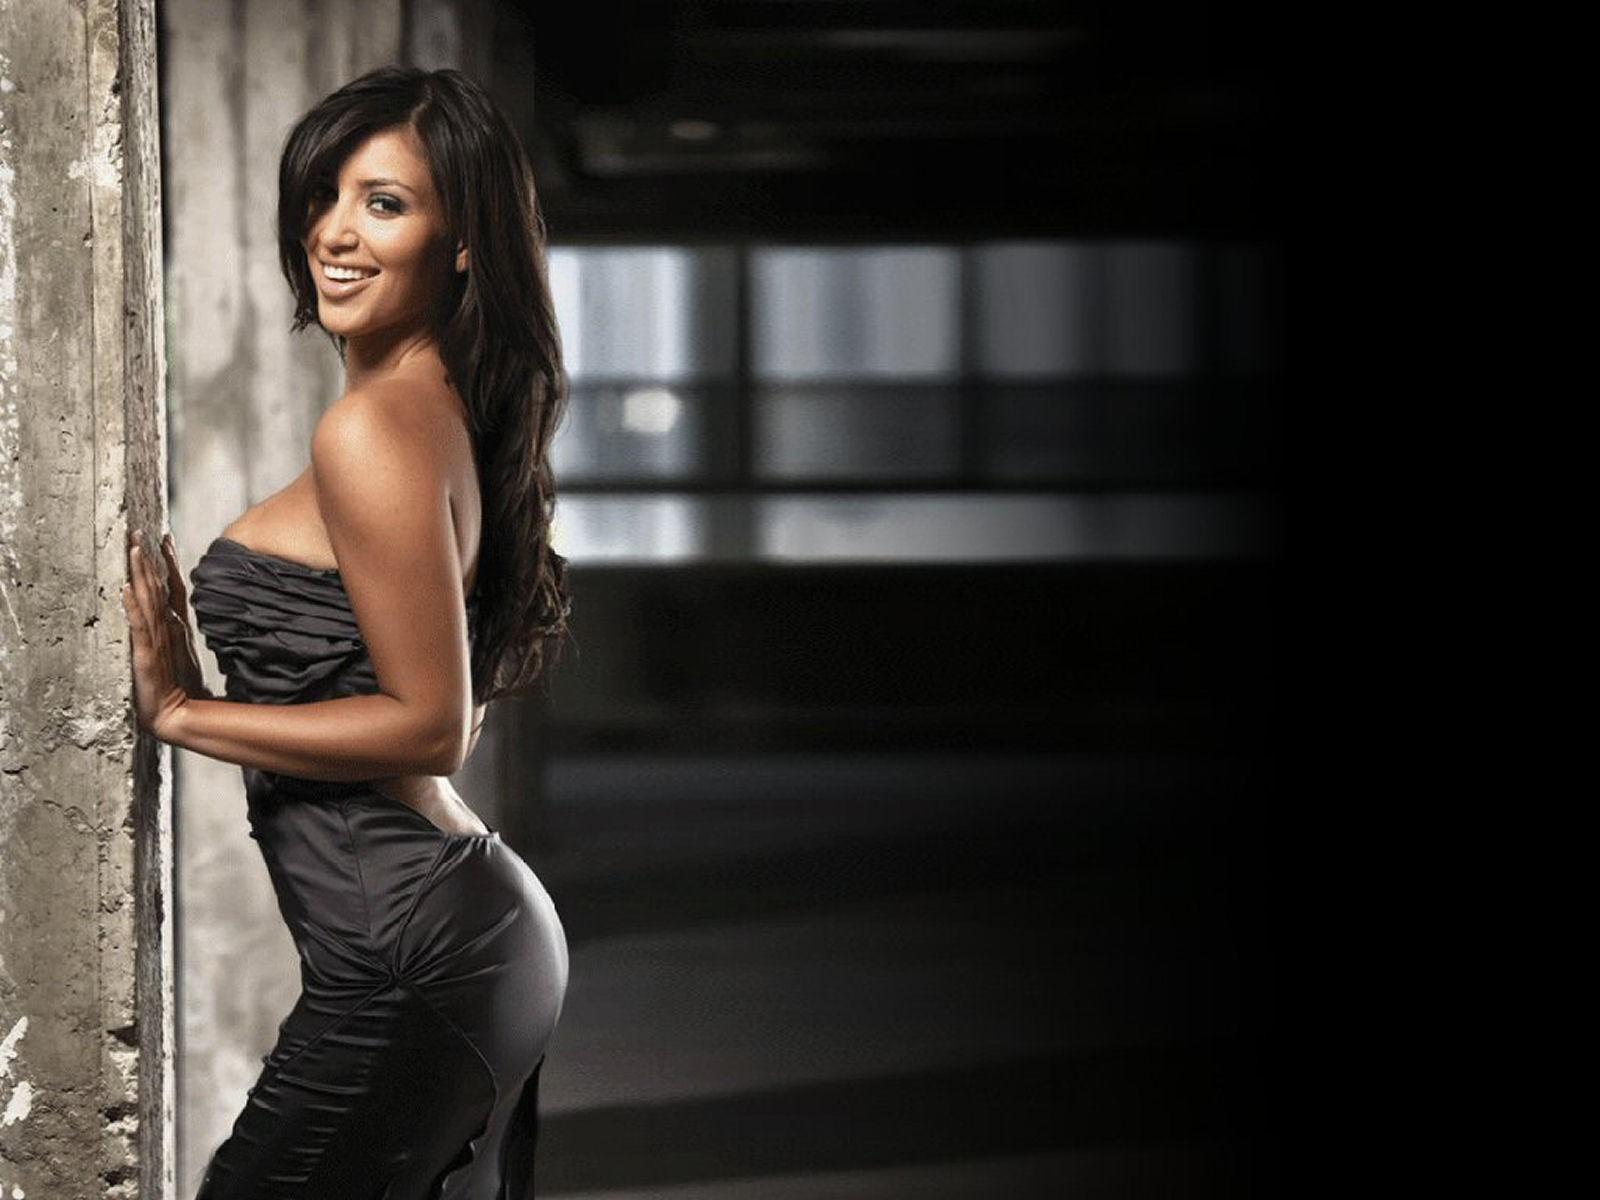 kim-kardashian-hot-images-in-bikini